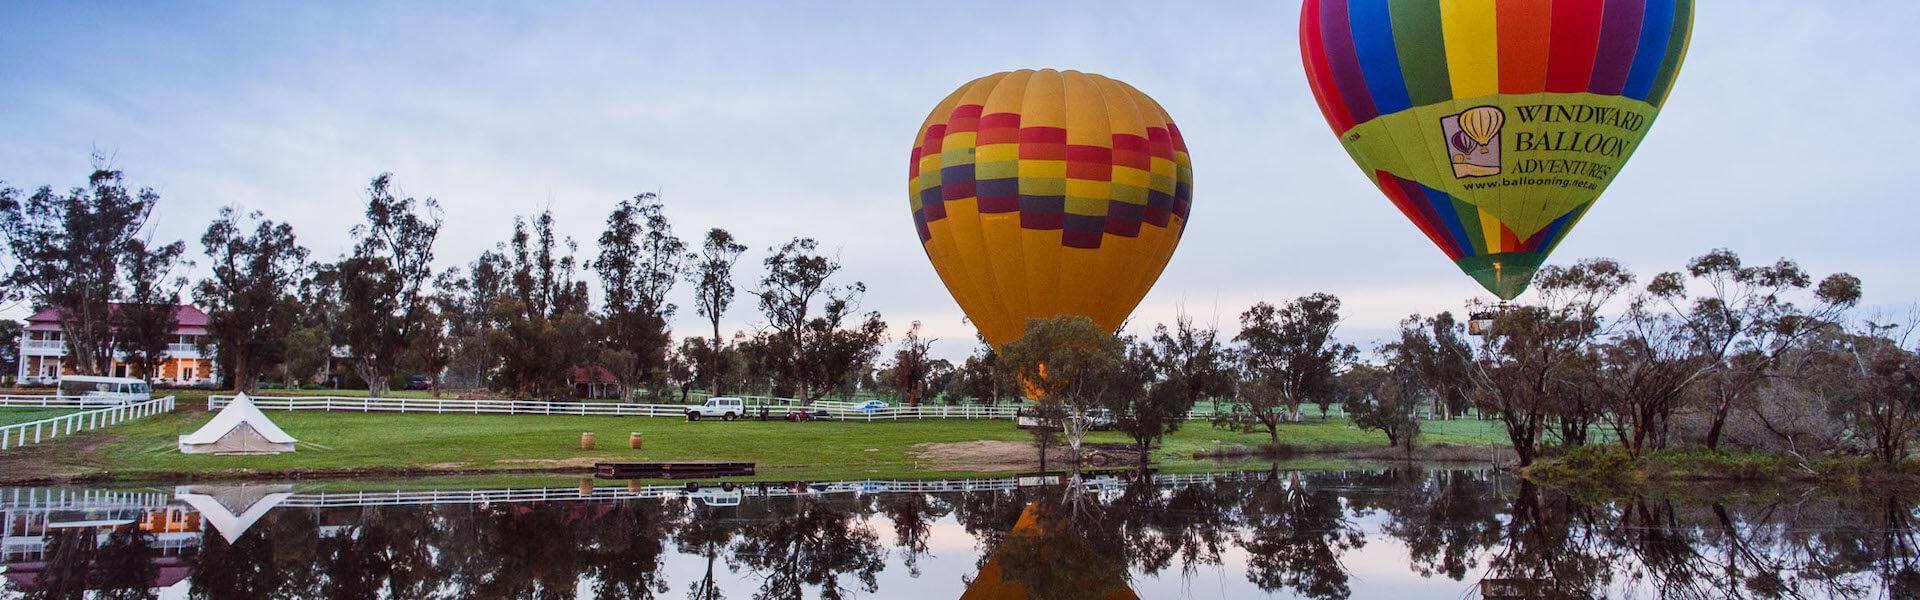 hot air balloon over the avon valley